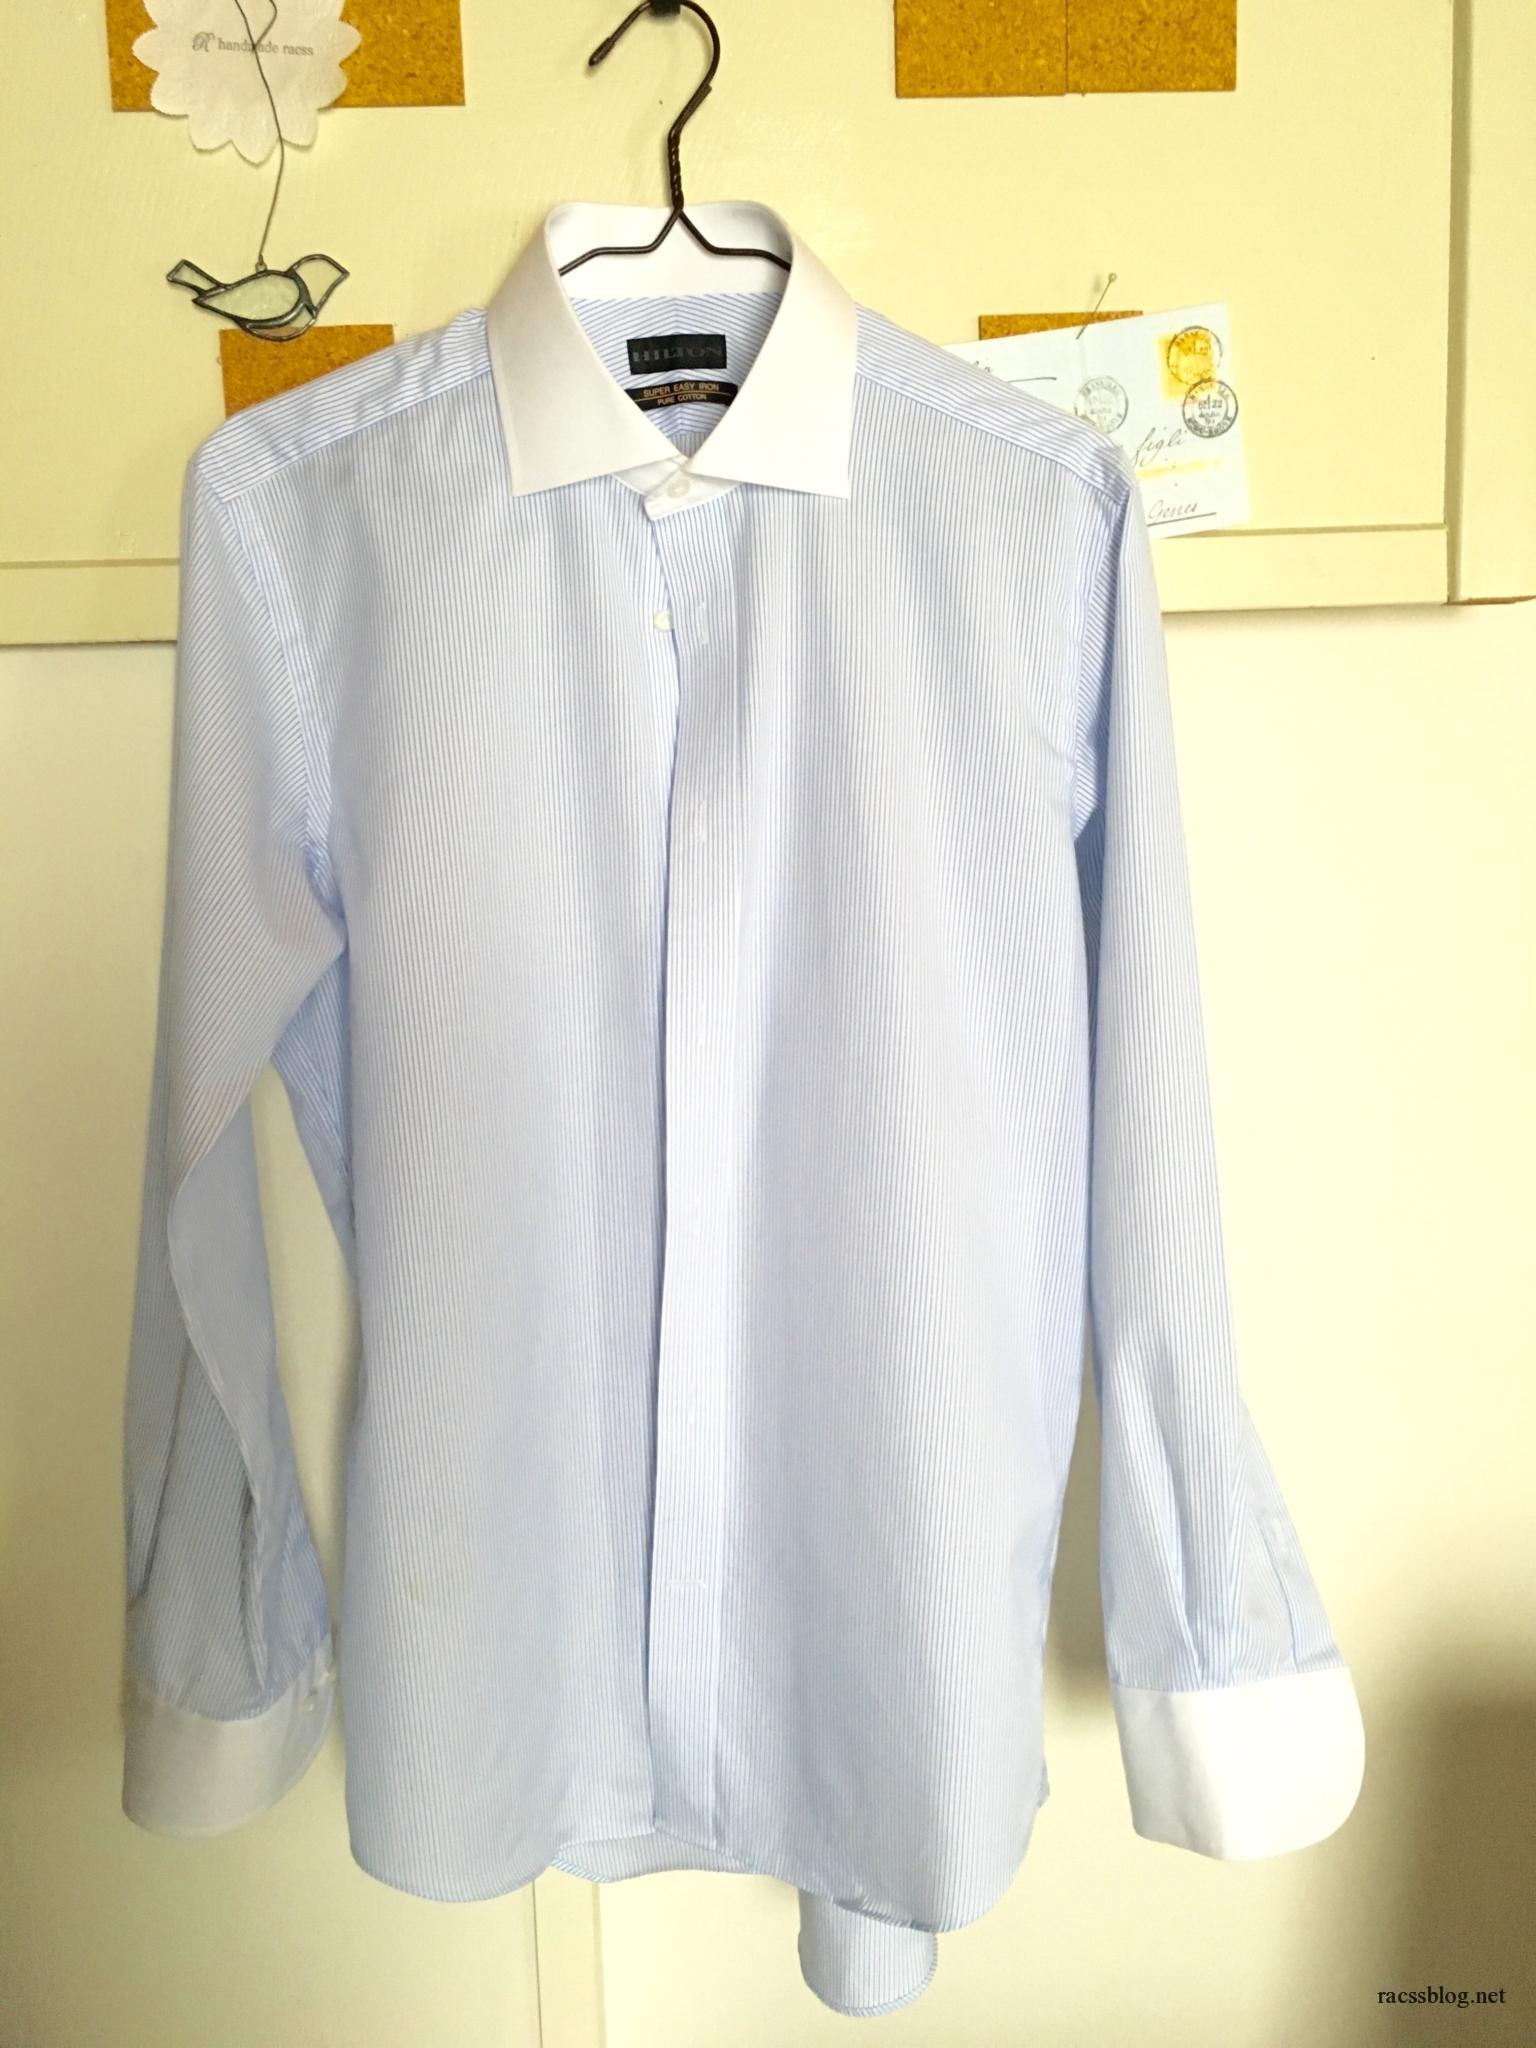 ワイシャツの胸ポケットを外して格好よくする方法